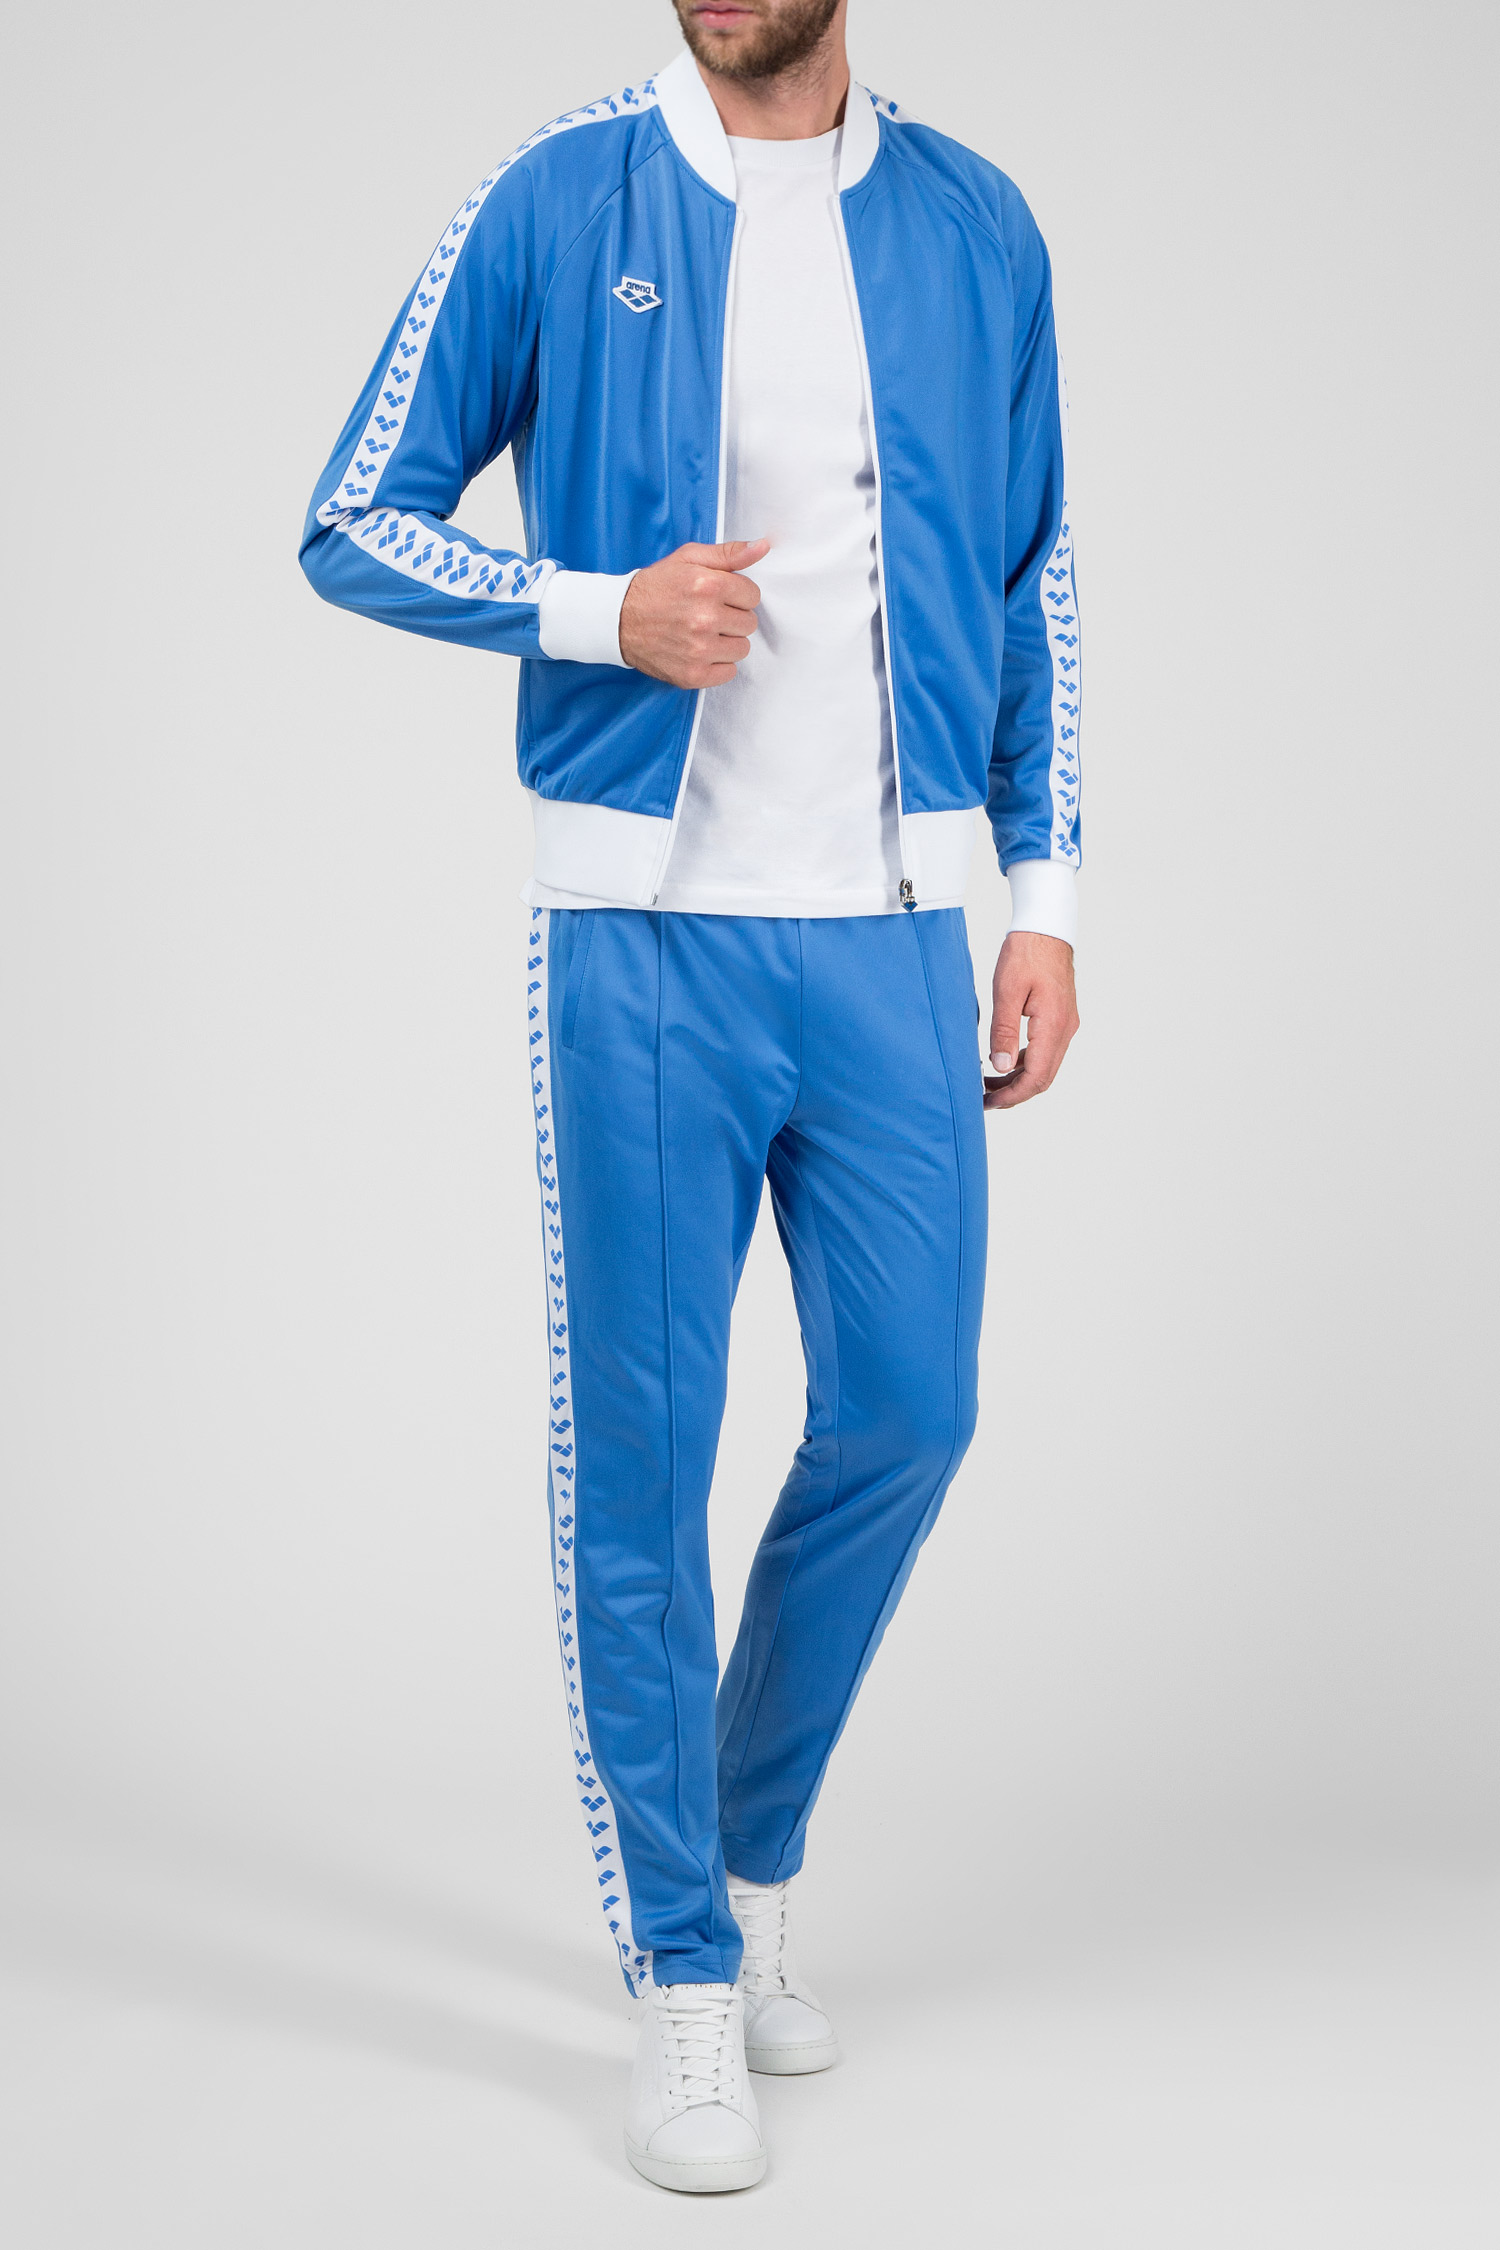 Купить Мужские голубые спортивные брюки Arena Arena 001230-871 – Киев, Украина. Цены в интернет магазине MD Fashion